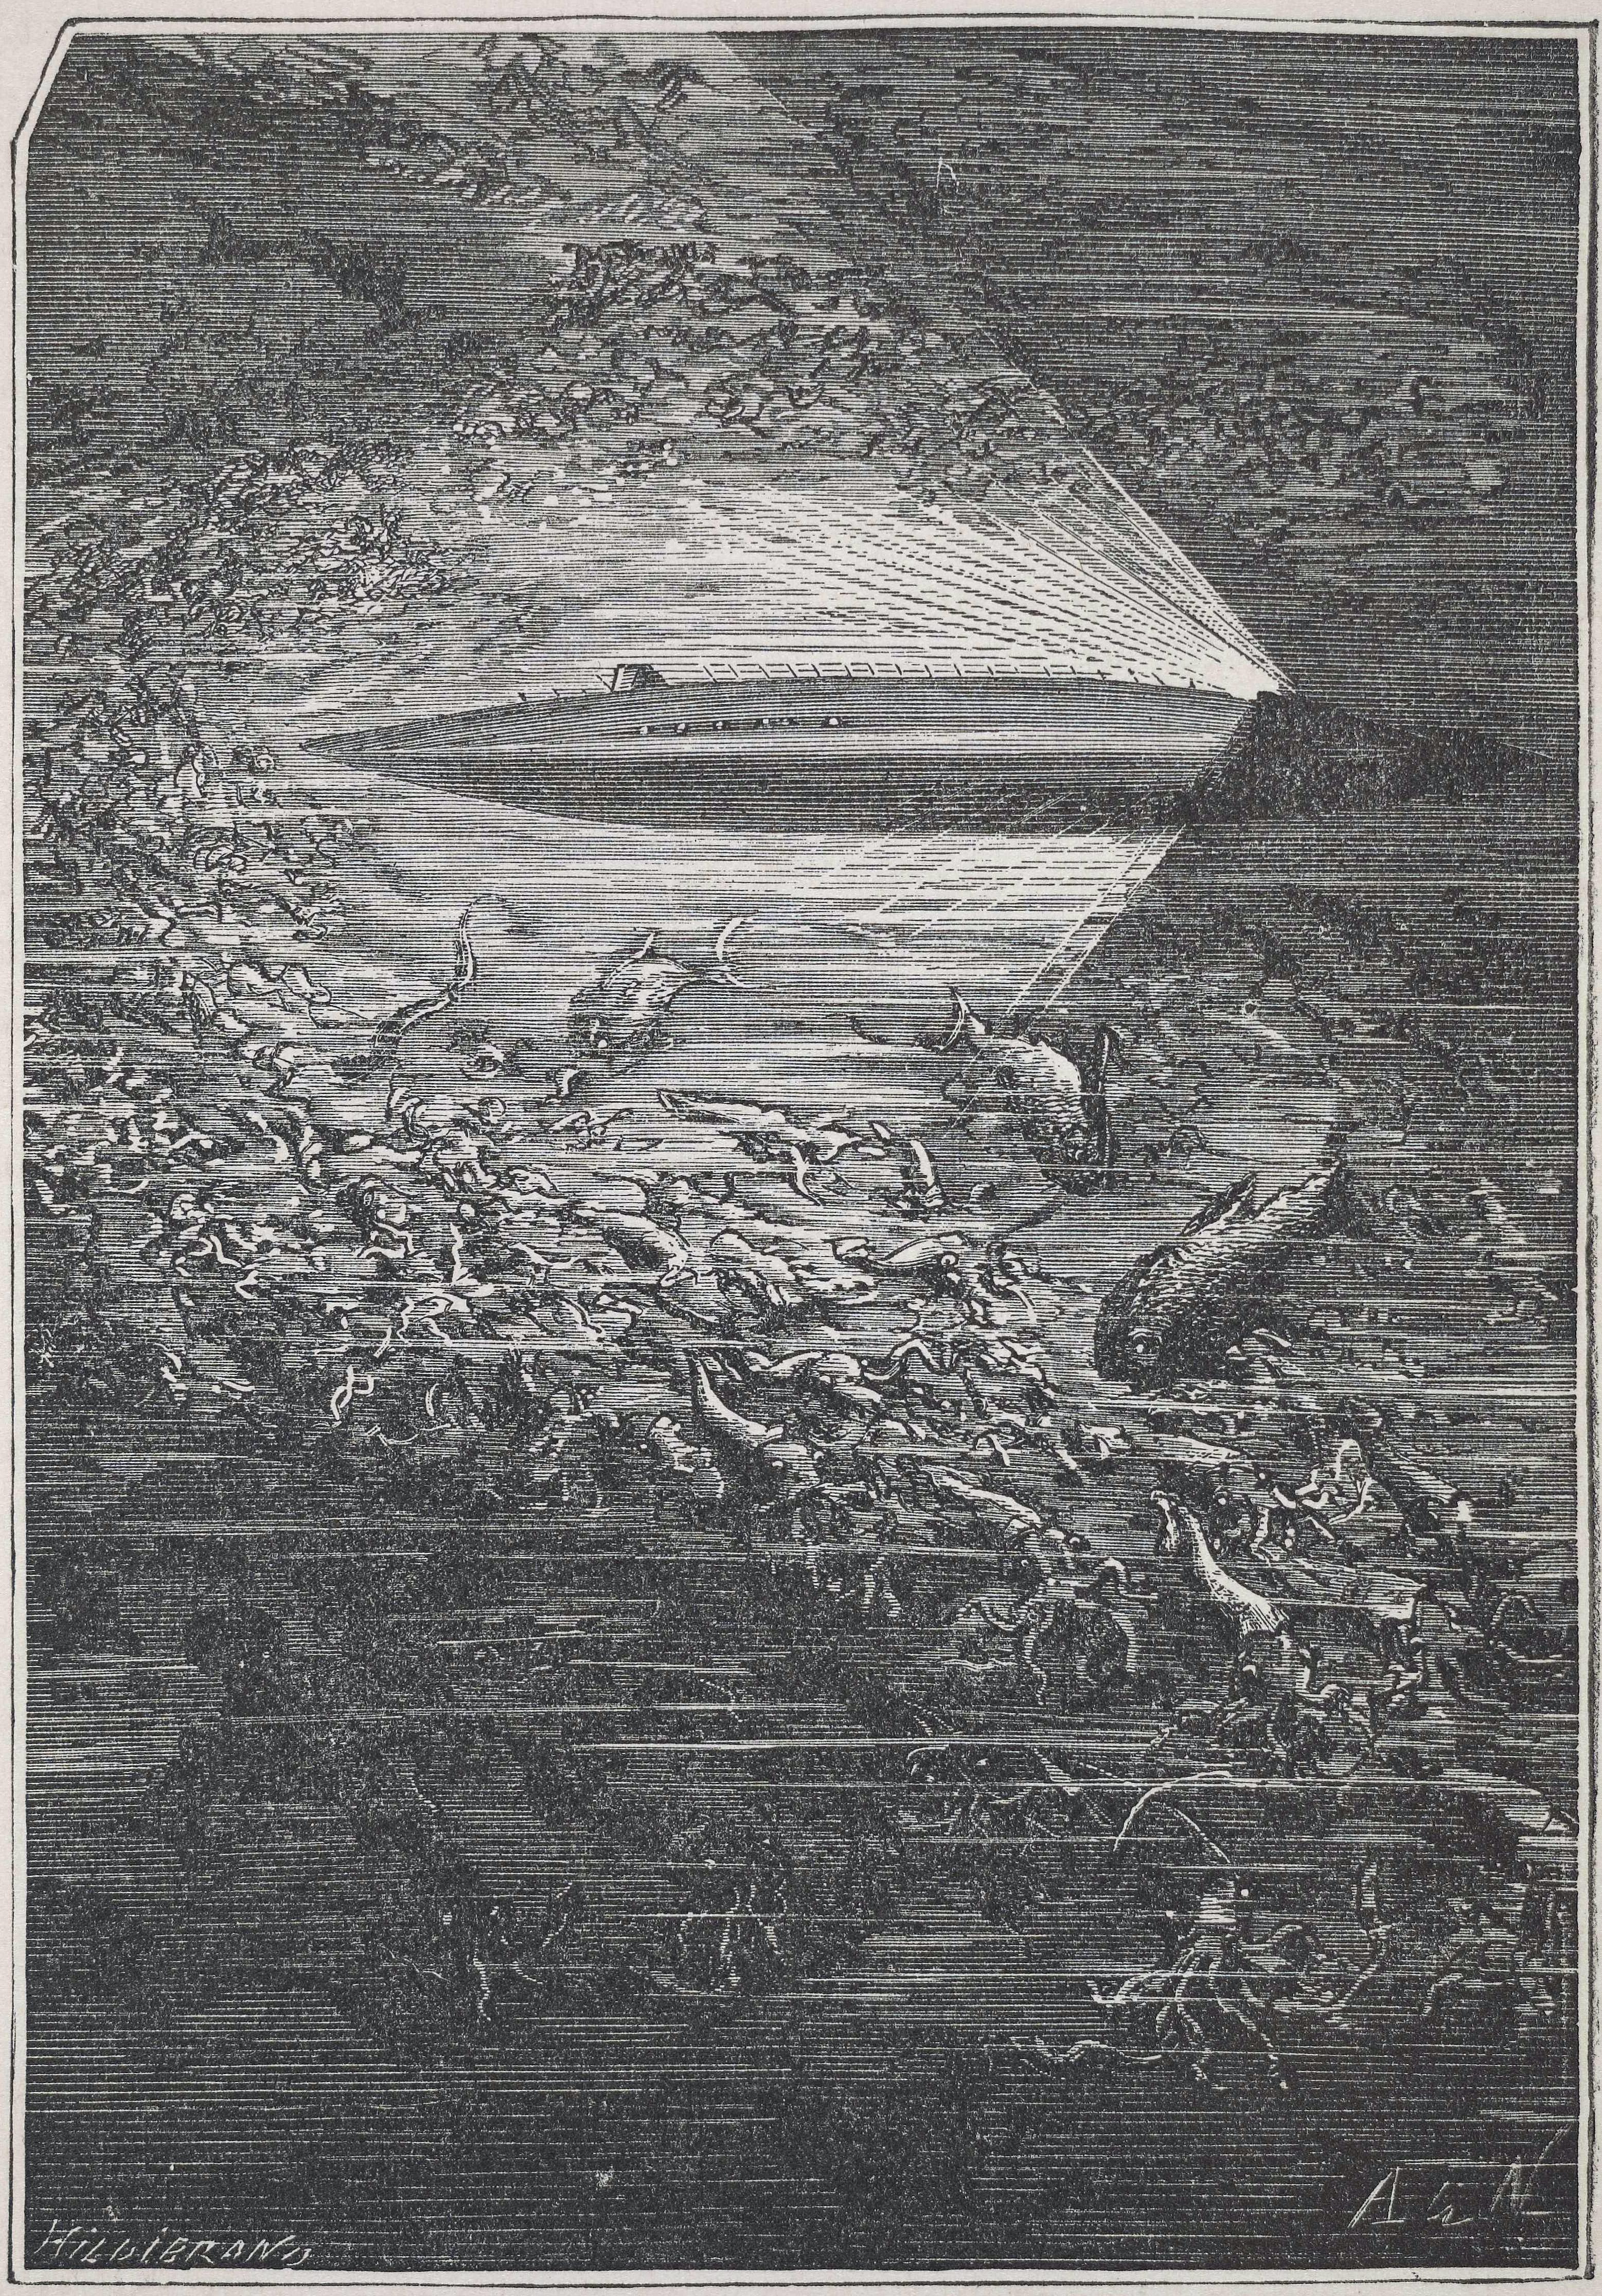 הנאוטילוס - מתוך אחד האיורים לספריו - הפודקאסט עושים היסטוריה